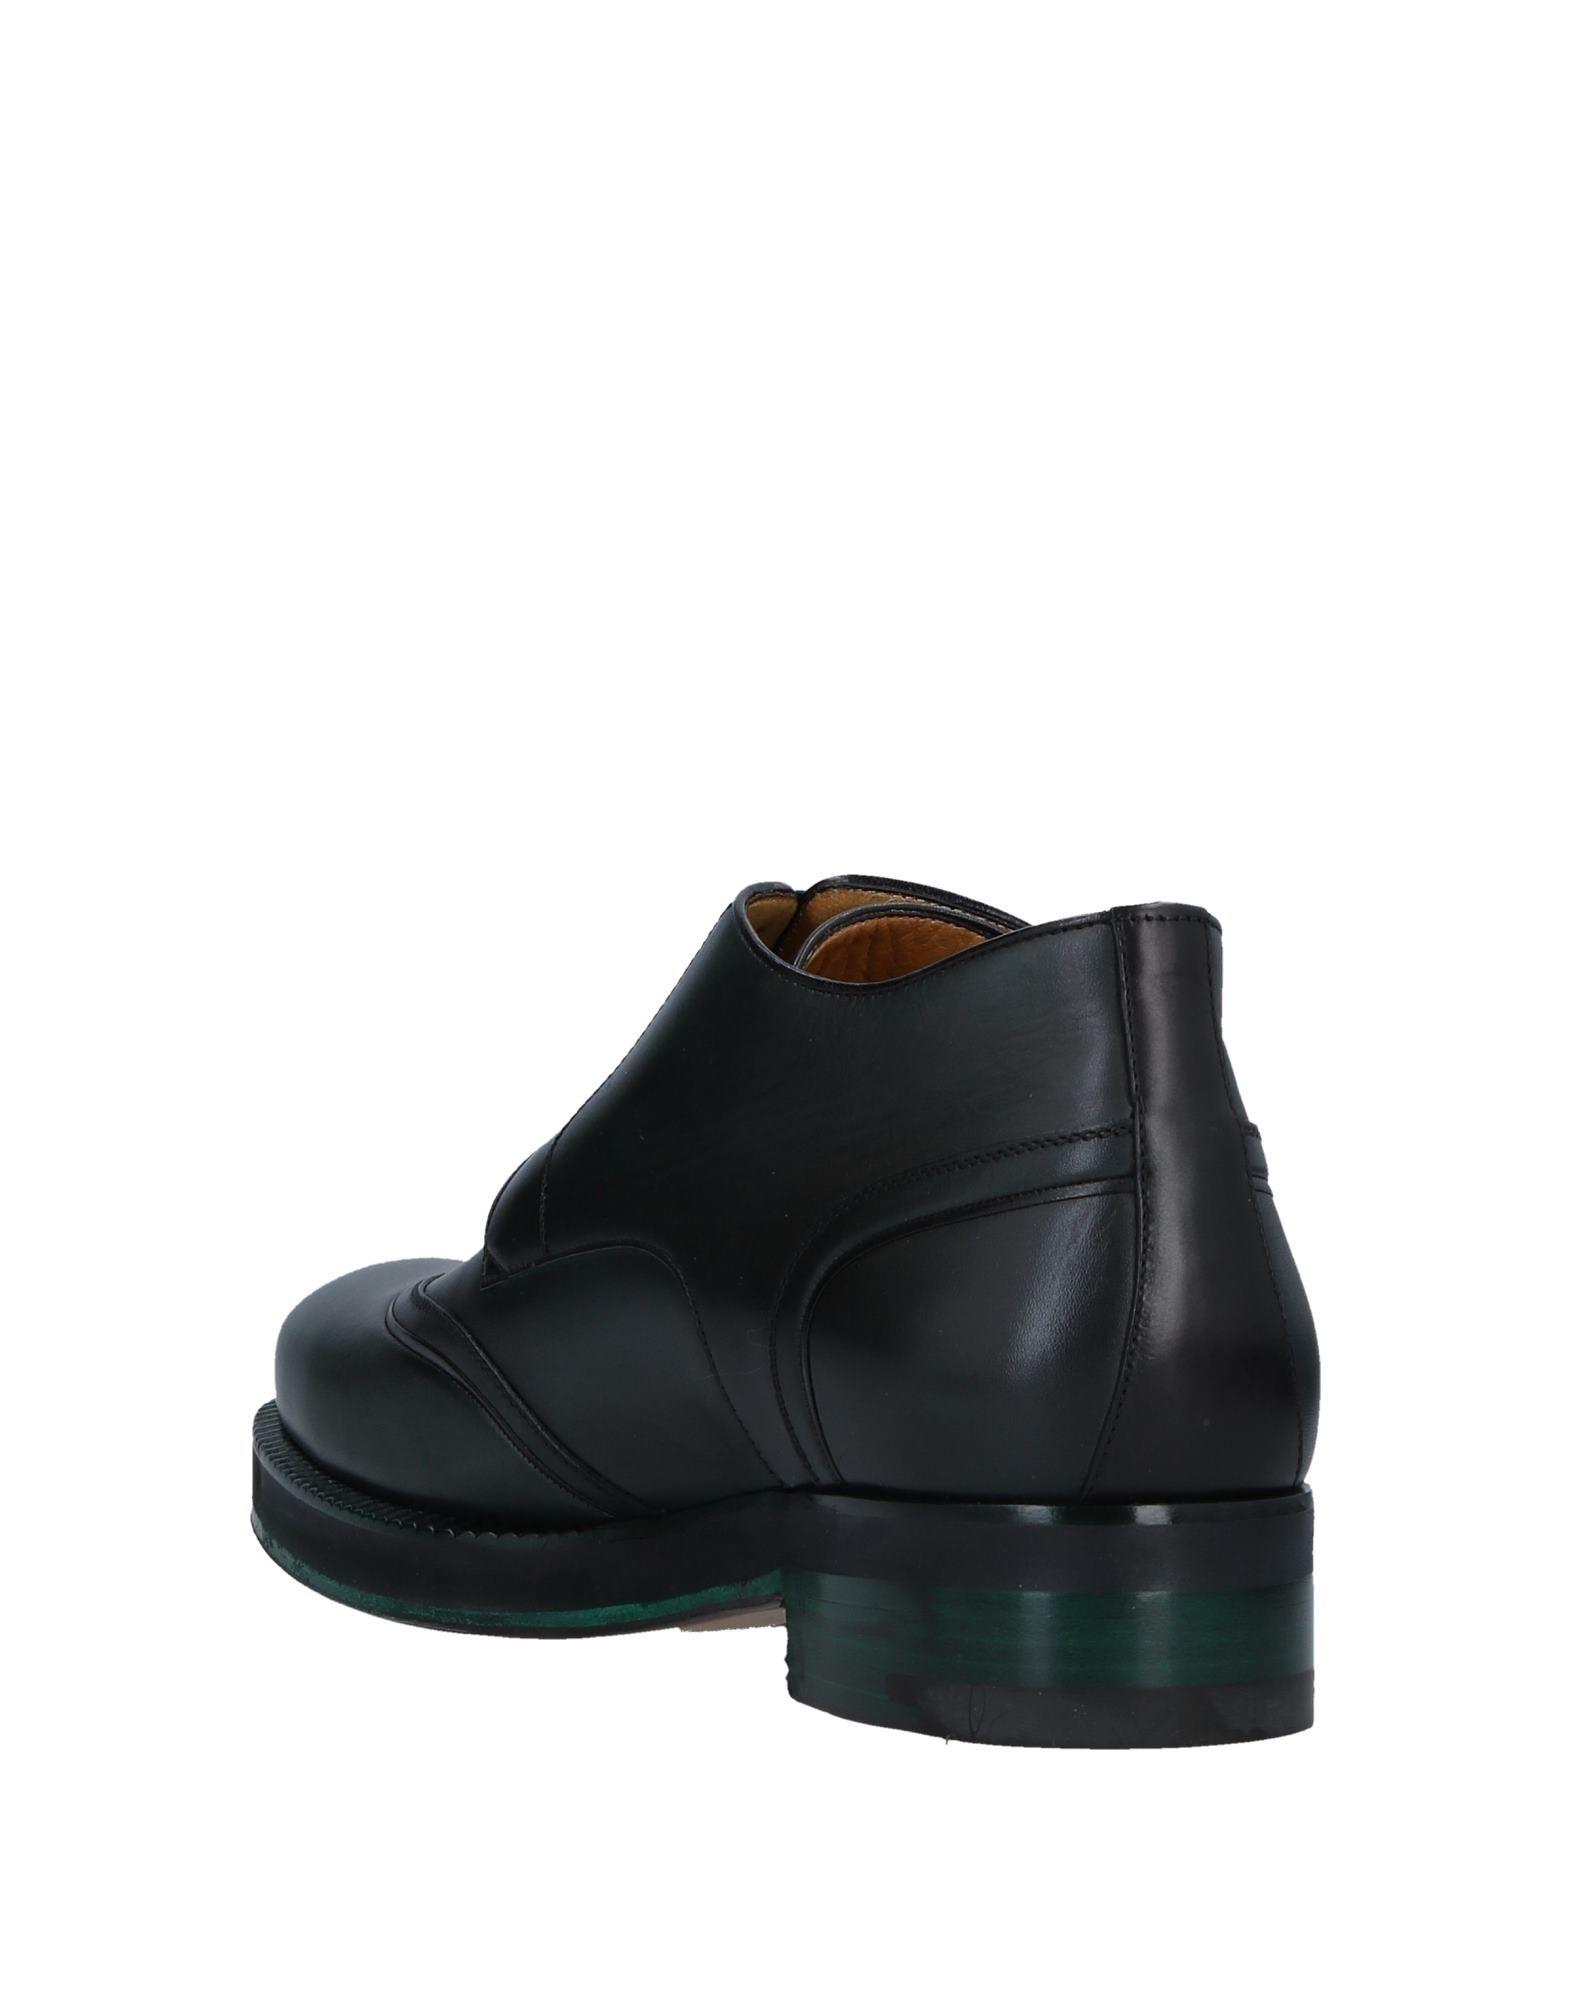 A.Testoni Schnürschuhe Herren Heiße  11539493SU Heiße Herren Schuhe 2f4275